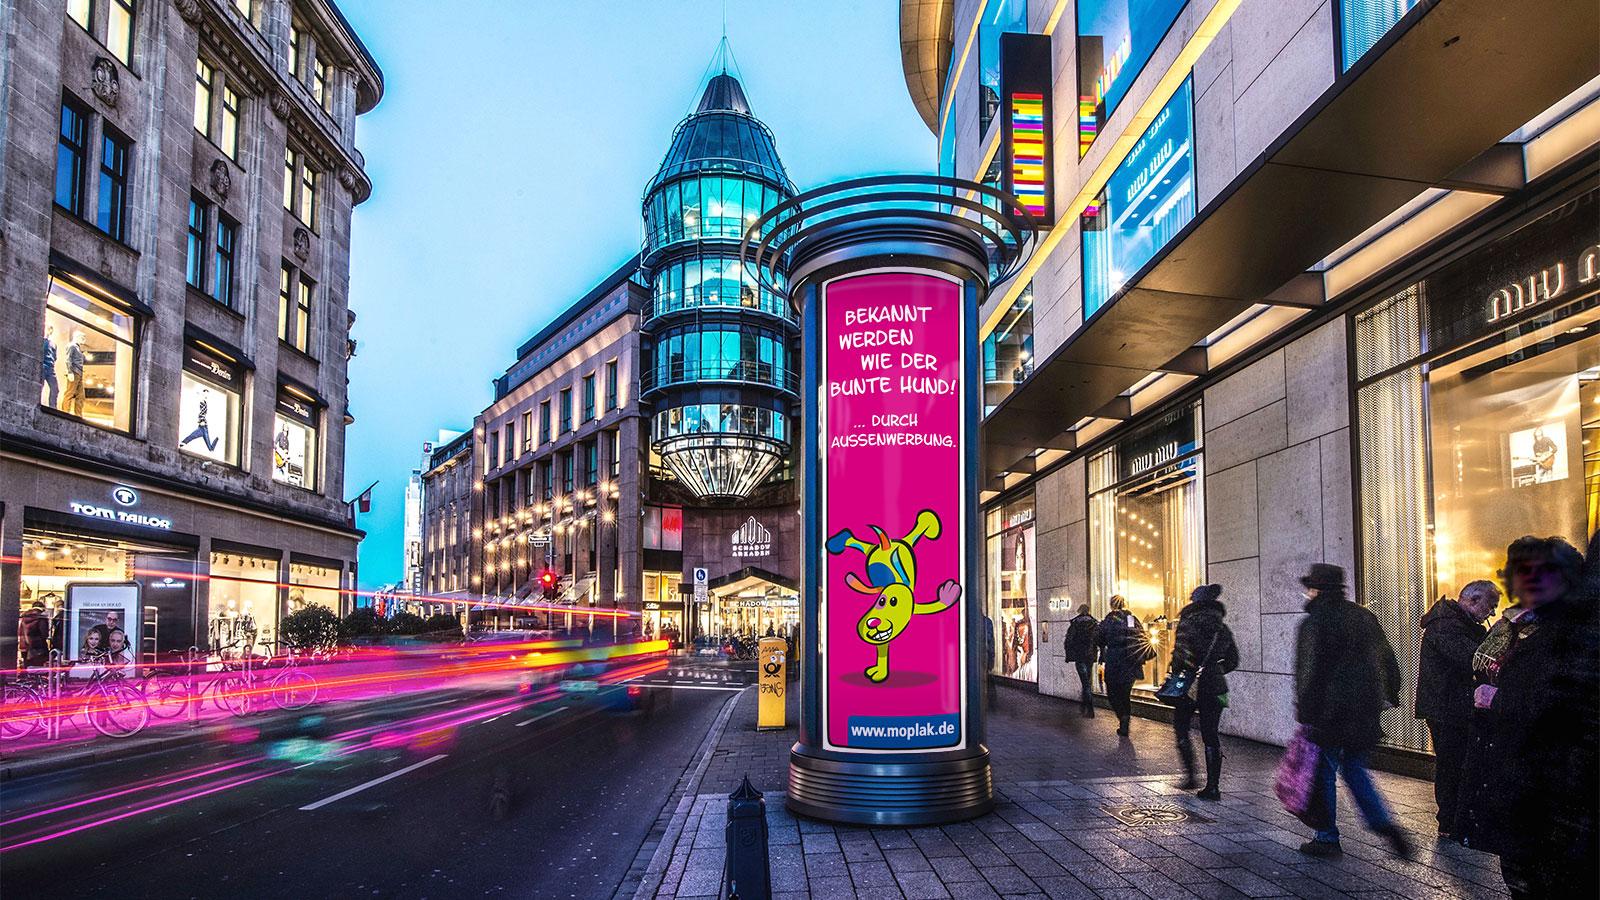 Moenchengladbach-Aussenwerbung-Litfasssaeule-Werbung